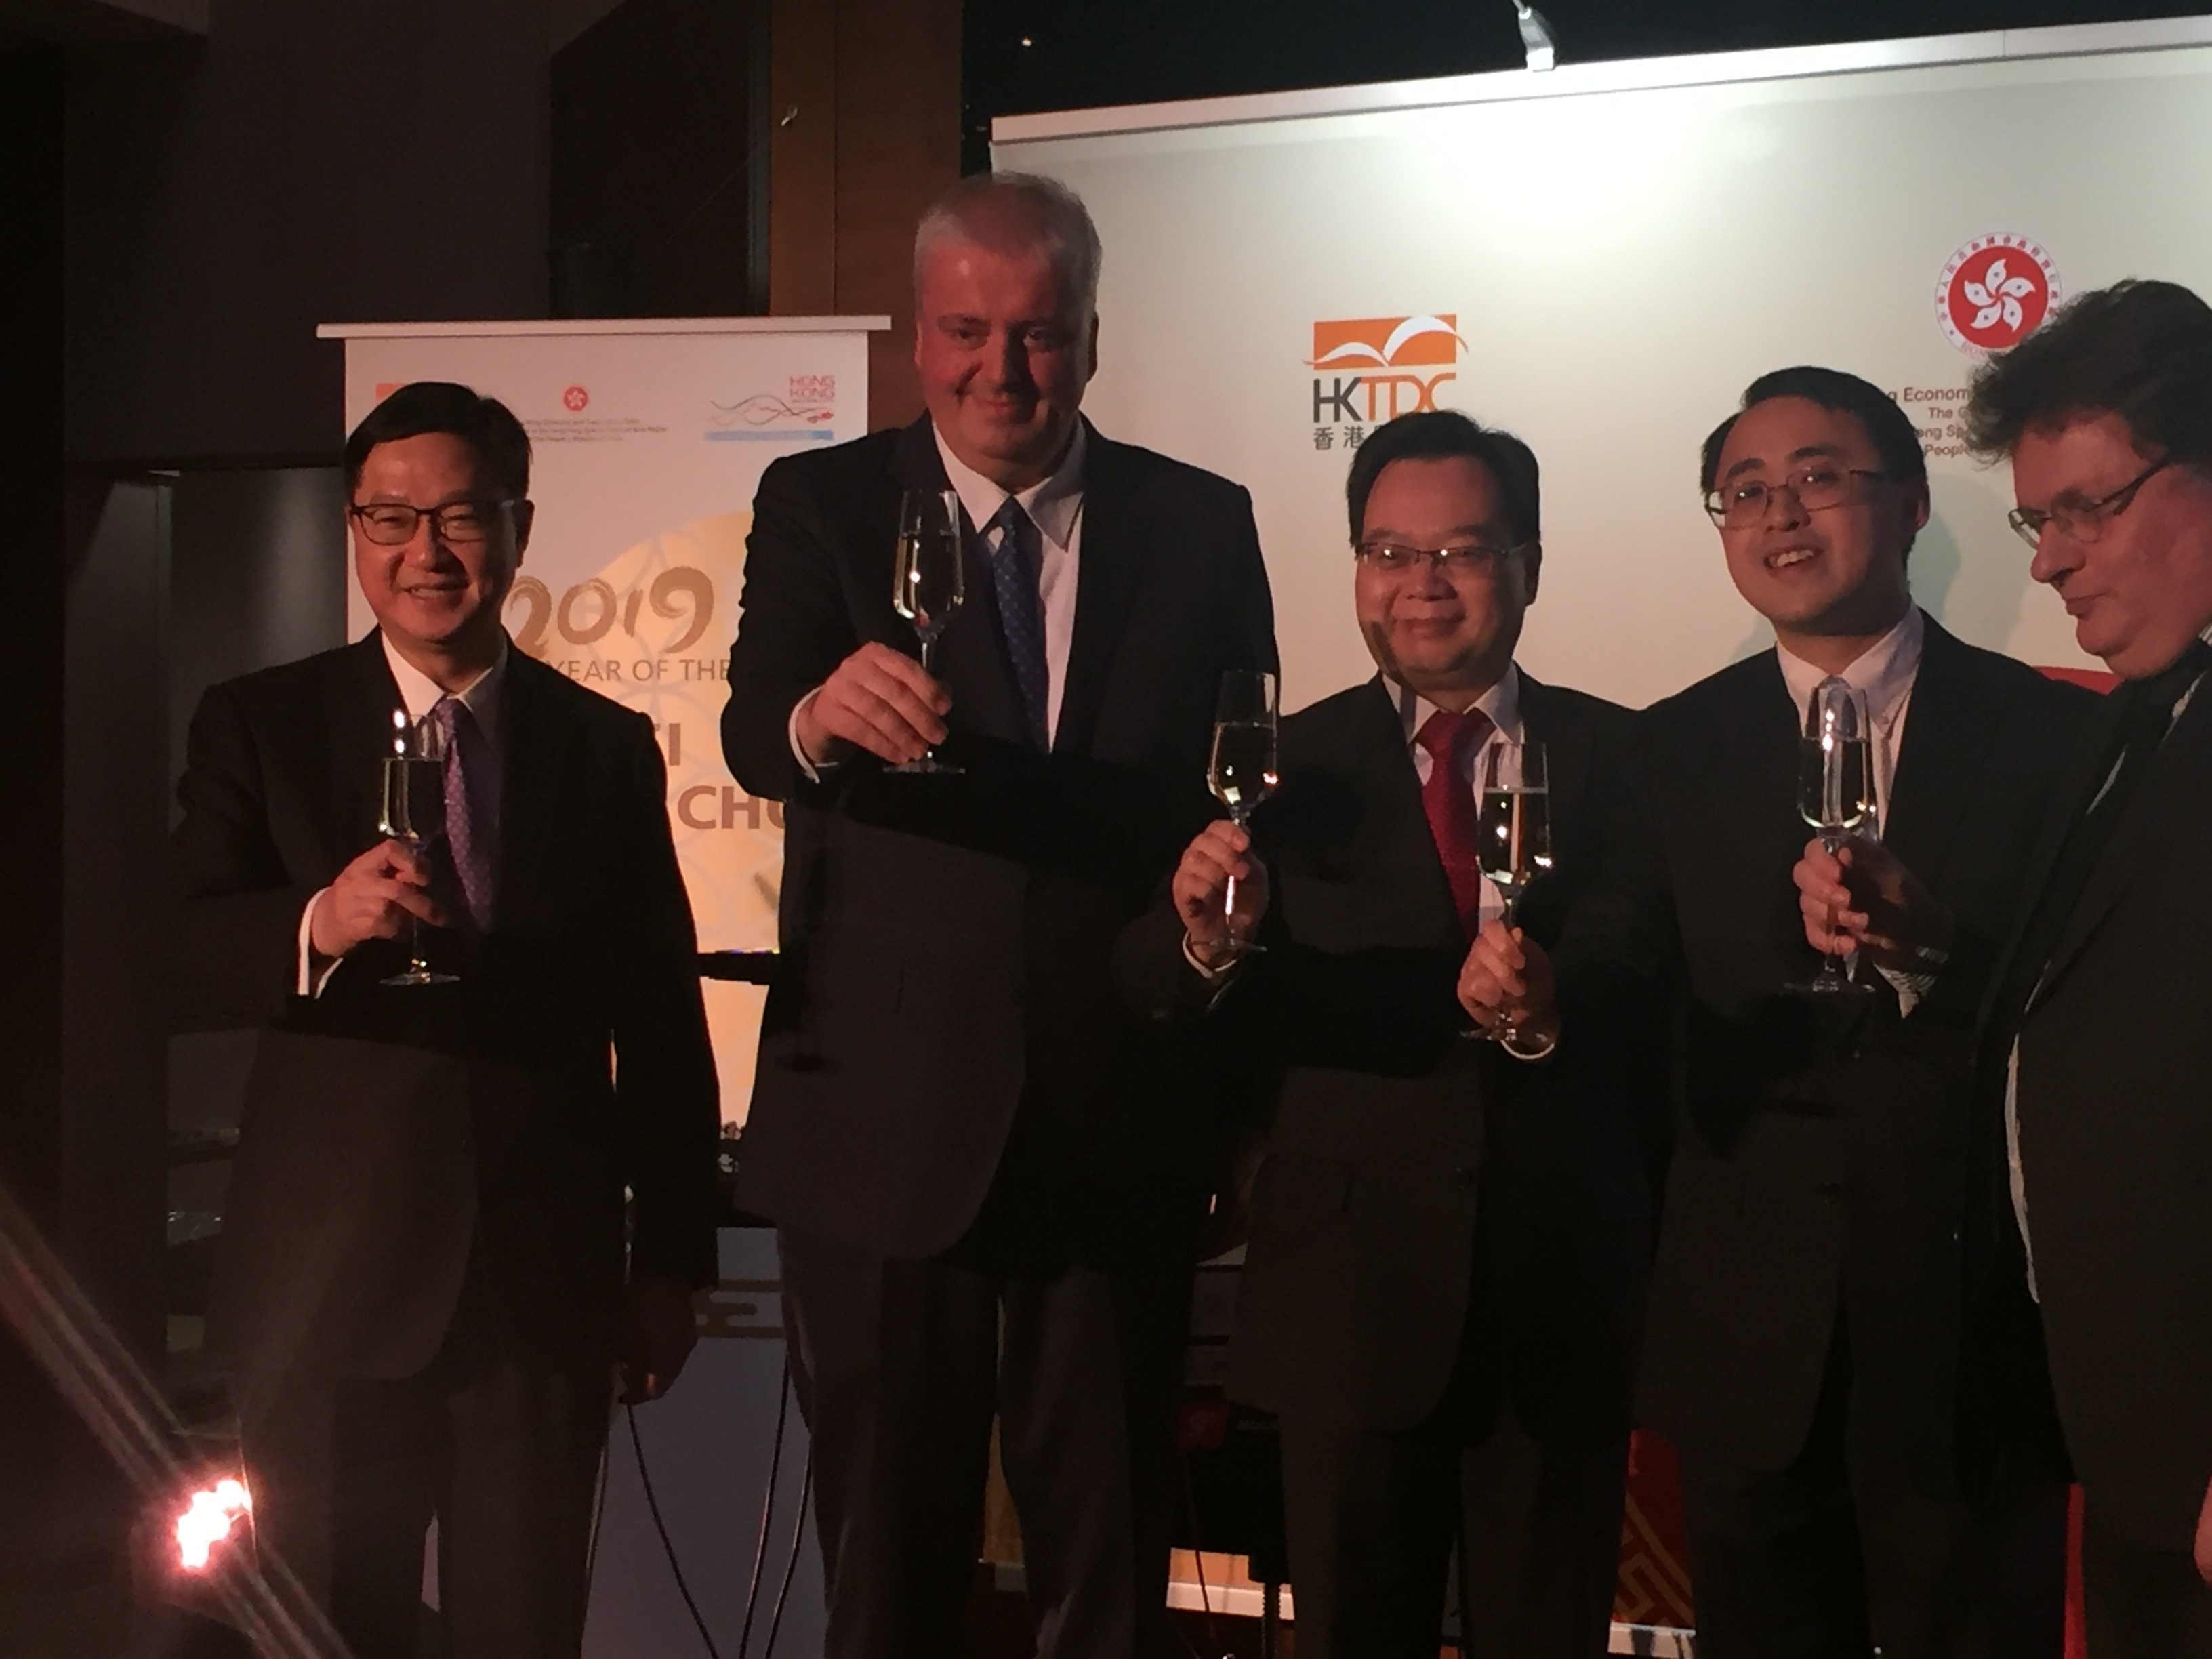 Anstoßen auf das Jahr des Schweins, v.l.n.r. Dir. Chui (HKTDC), B. Balz (Dt. Bundesbank), Generalkonsul Sun, Dir. Li (HKETO) und E. Kühl (Dt. HK-Gesellschaft)